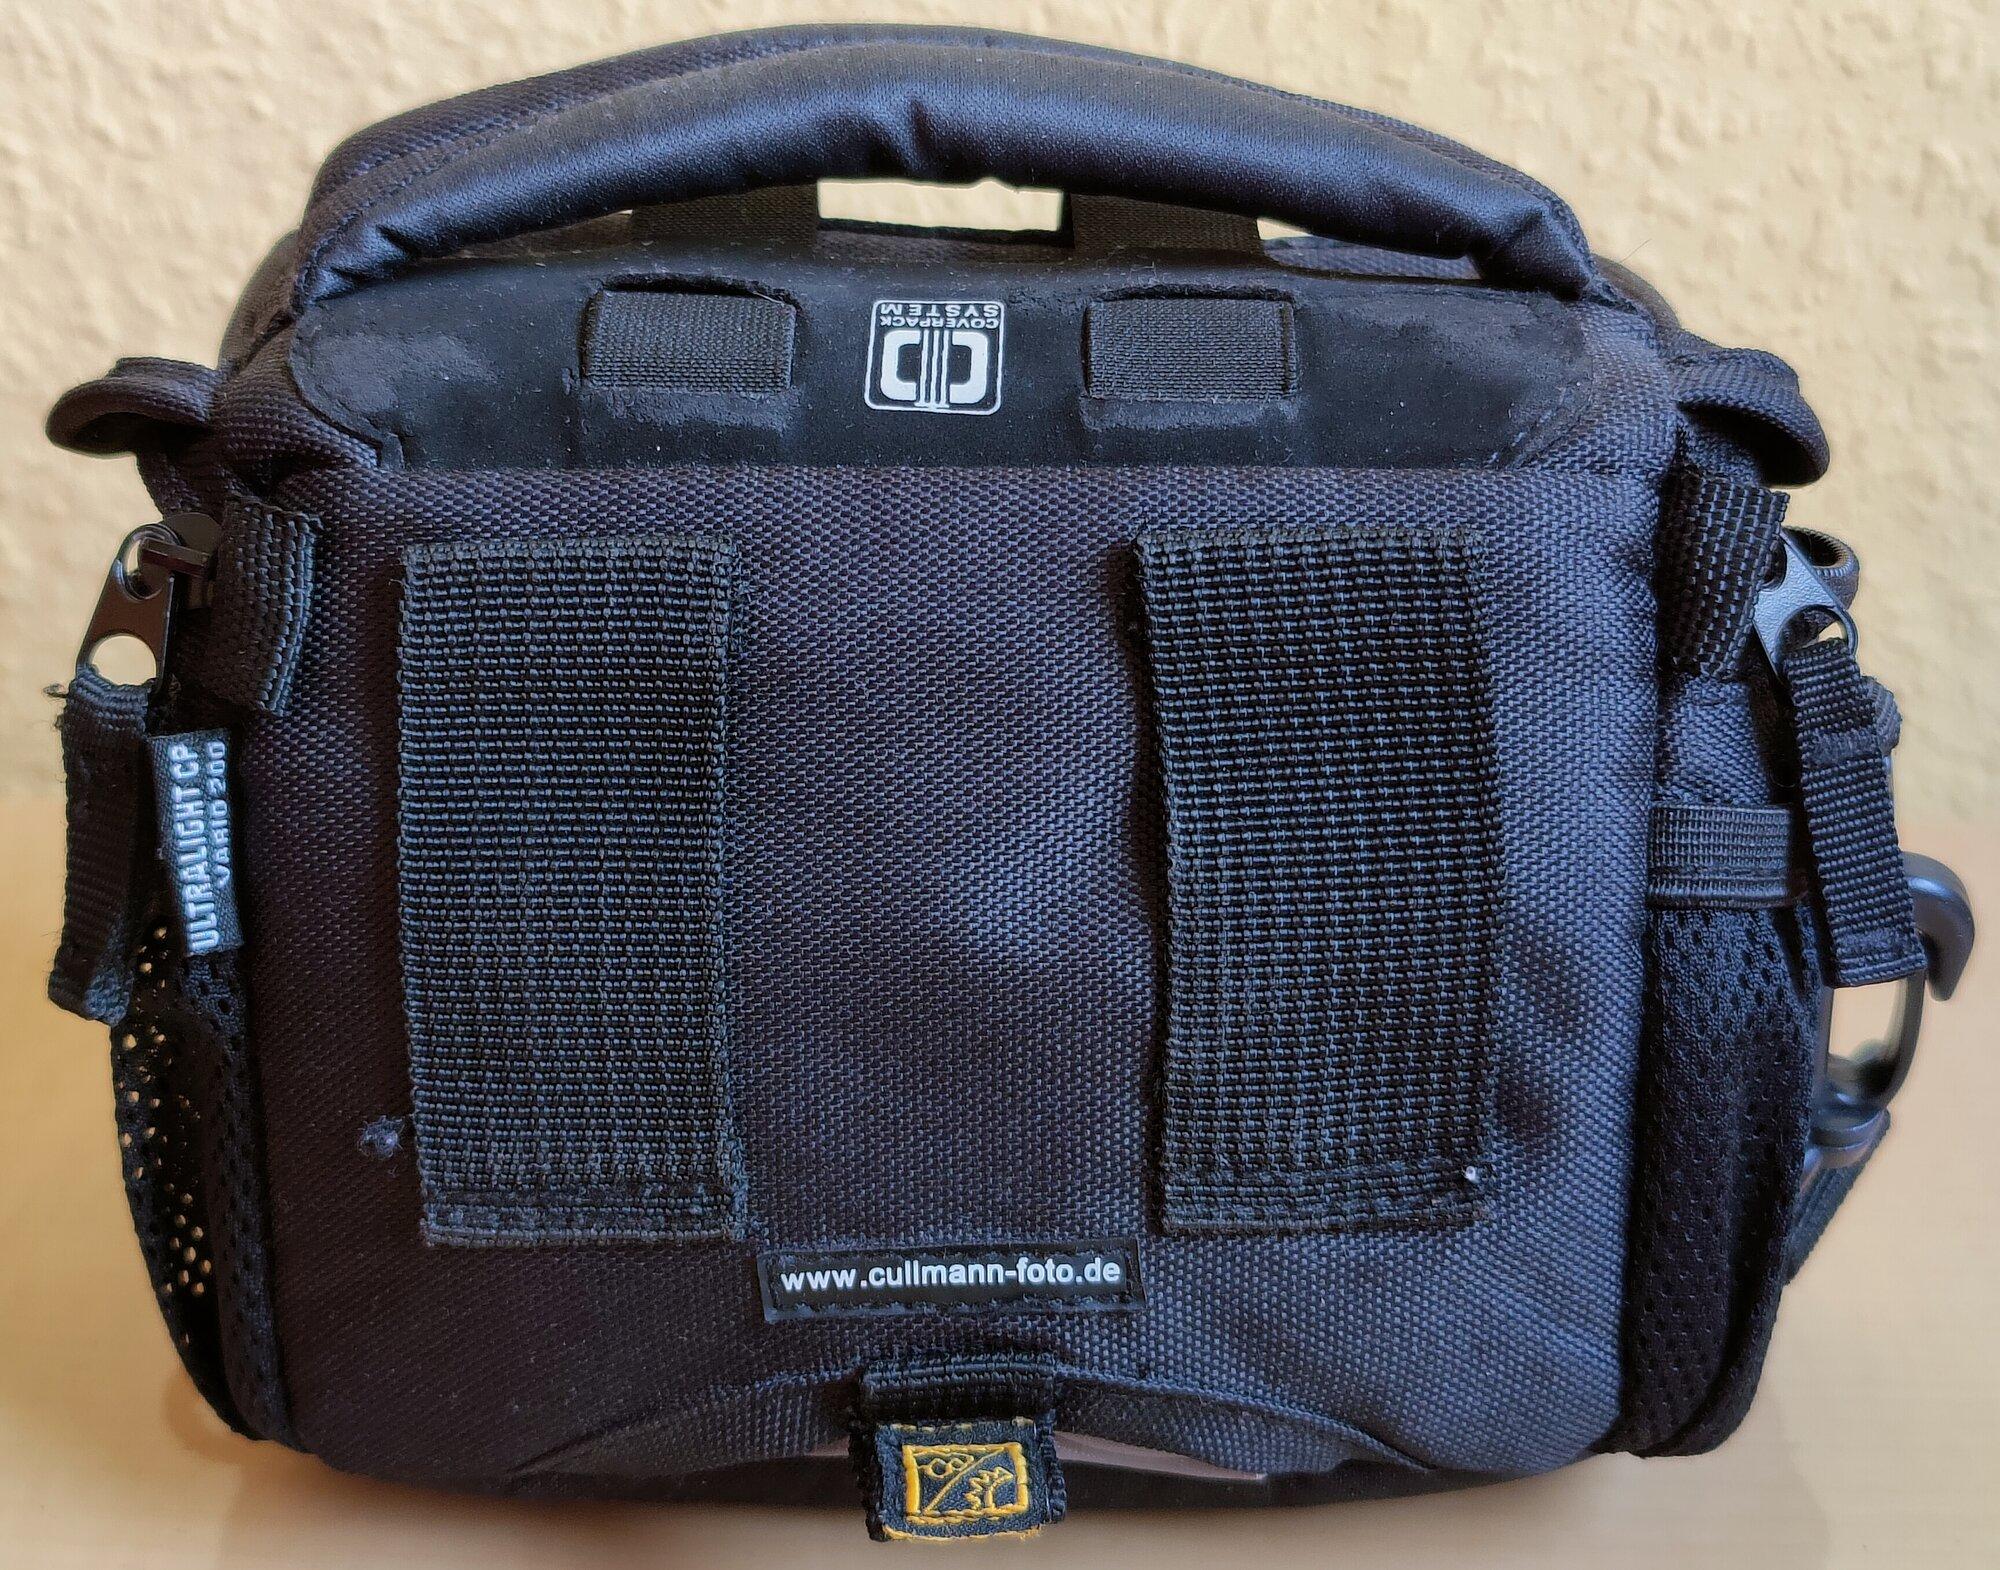 X100 - 10 - Cullmann-Tasche Rückseite, Schlaufen, Regenschutz.jpg